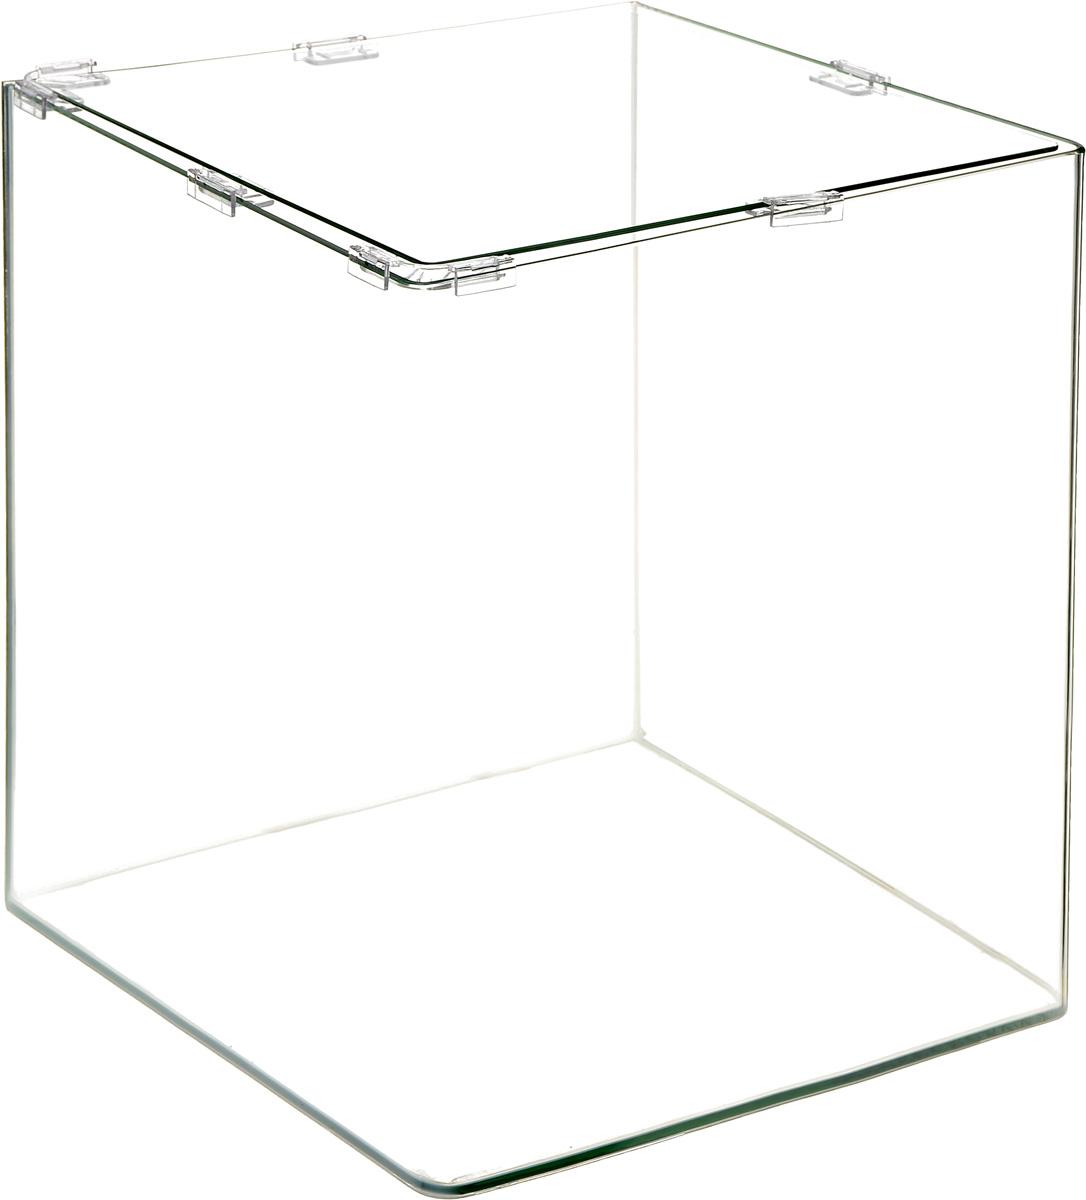 Аквариум Dennerle NanoCube, 60 лDEN5861Аквариум Dennerle NanoCube идеально подходит для содержания небольшого уголка природы в офисе, на столе, на кухне, в ванной комнате, прихожей или гостиной. Аквариум изготовлен из высококачественного стекла, передние углы бесшовные и оснащен покровной крышкой. В комплект входят черная пленка для задней стенки и пластиковые подкладки.